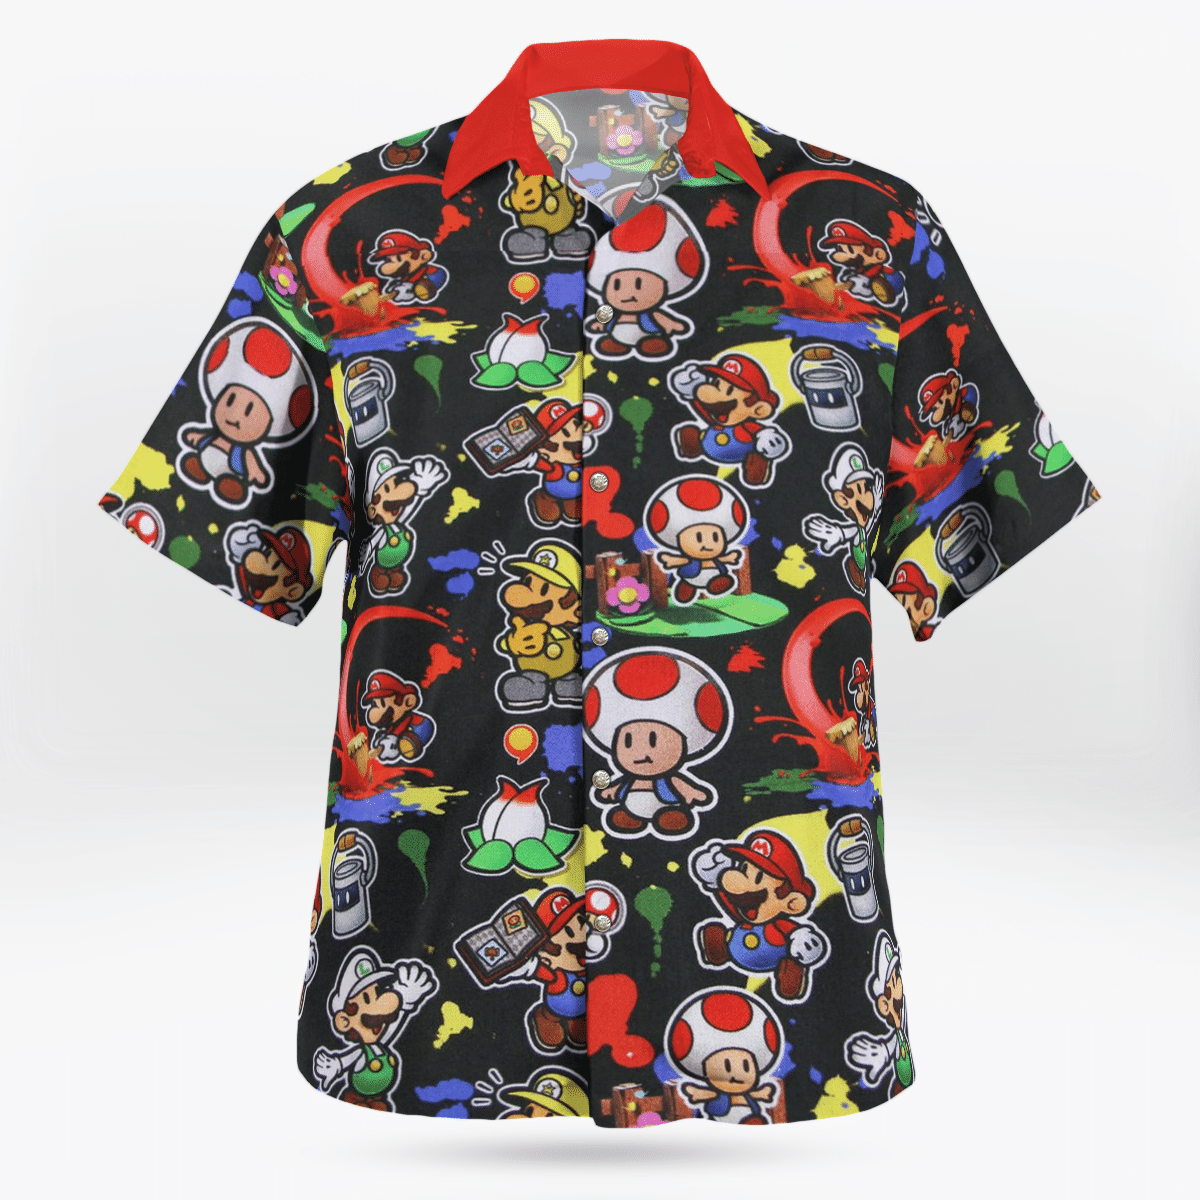 Super Mario Luigi Toad Hawaiian shirt